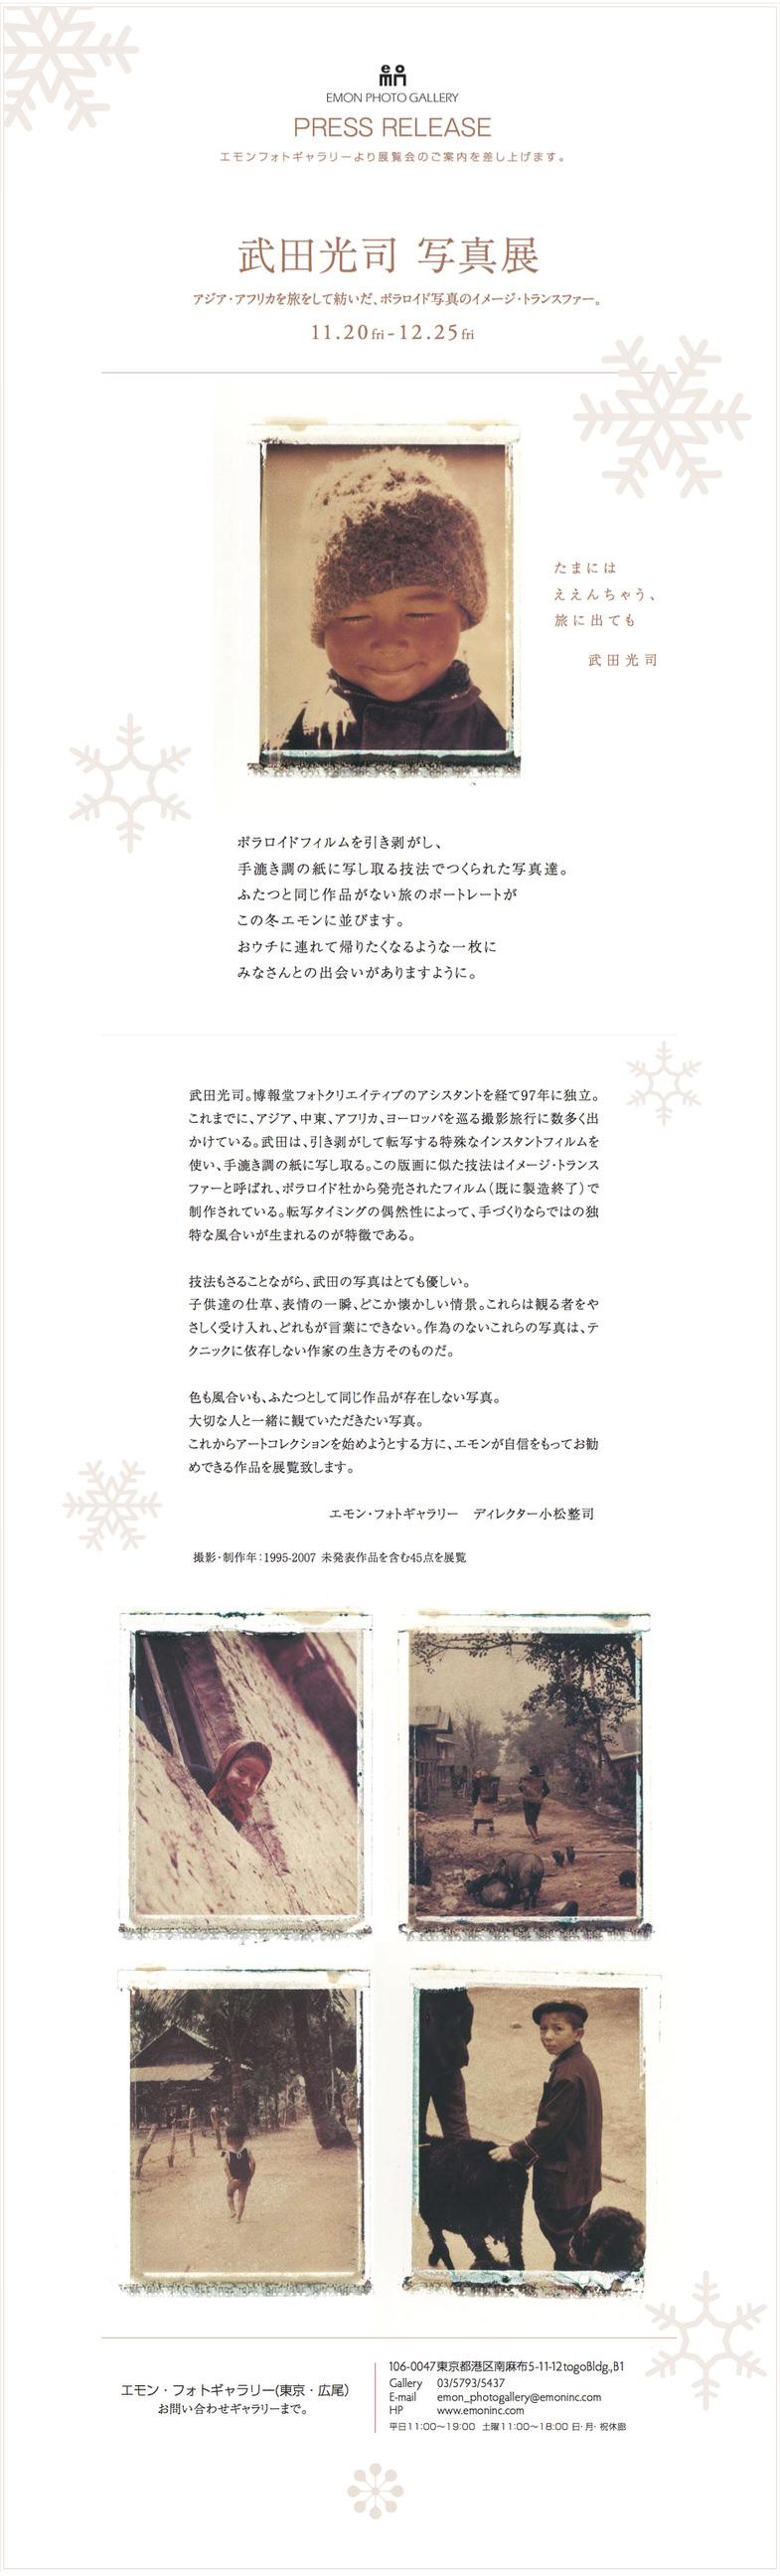 #11武田光司写真展